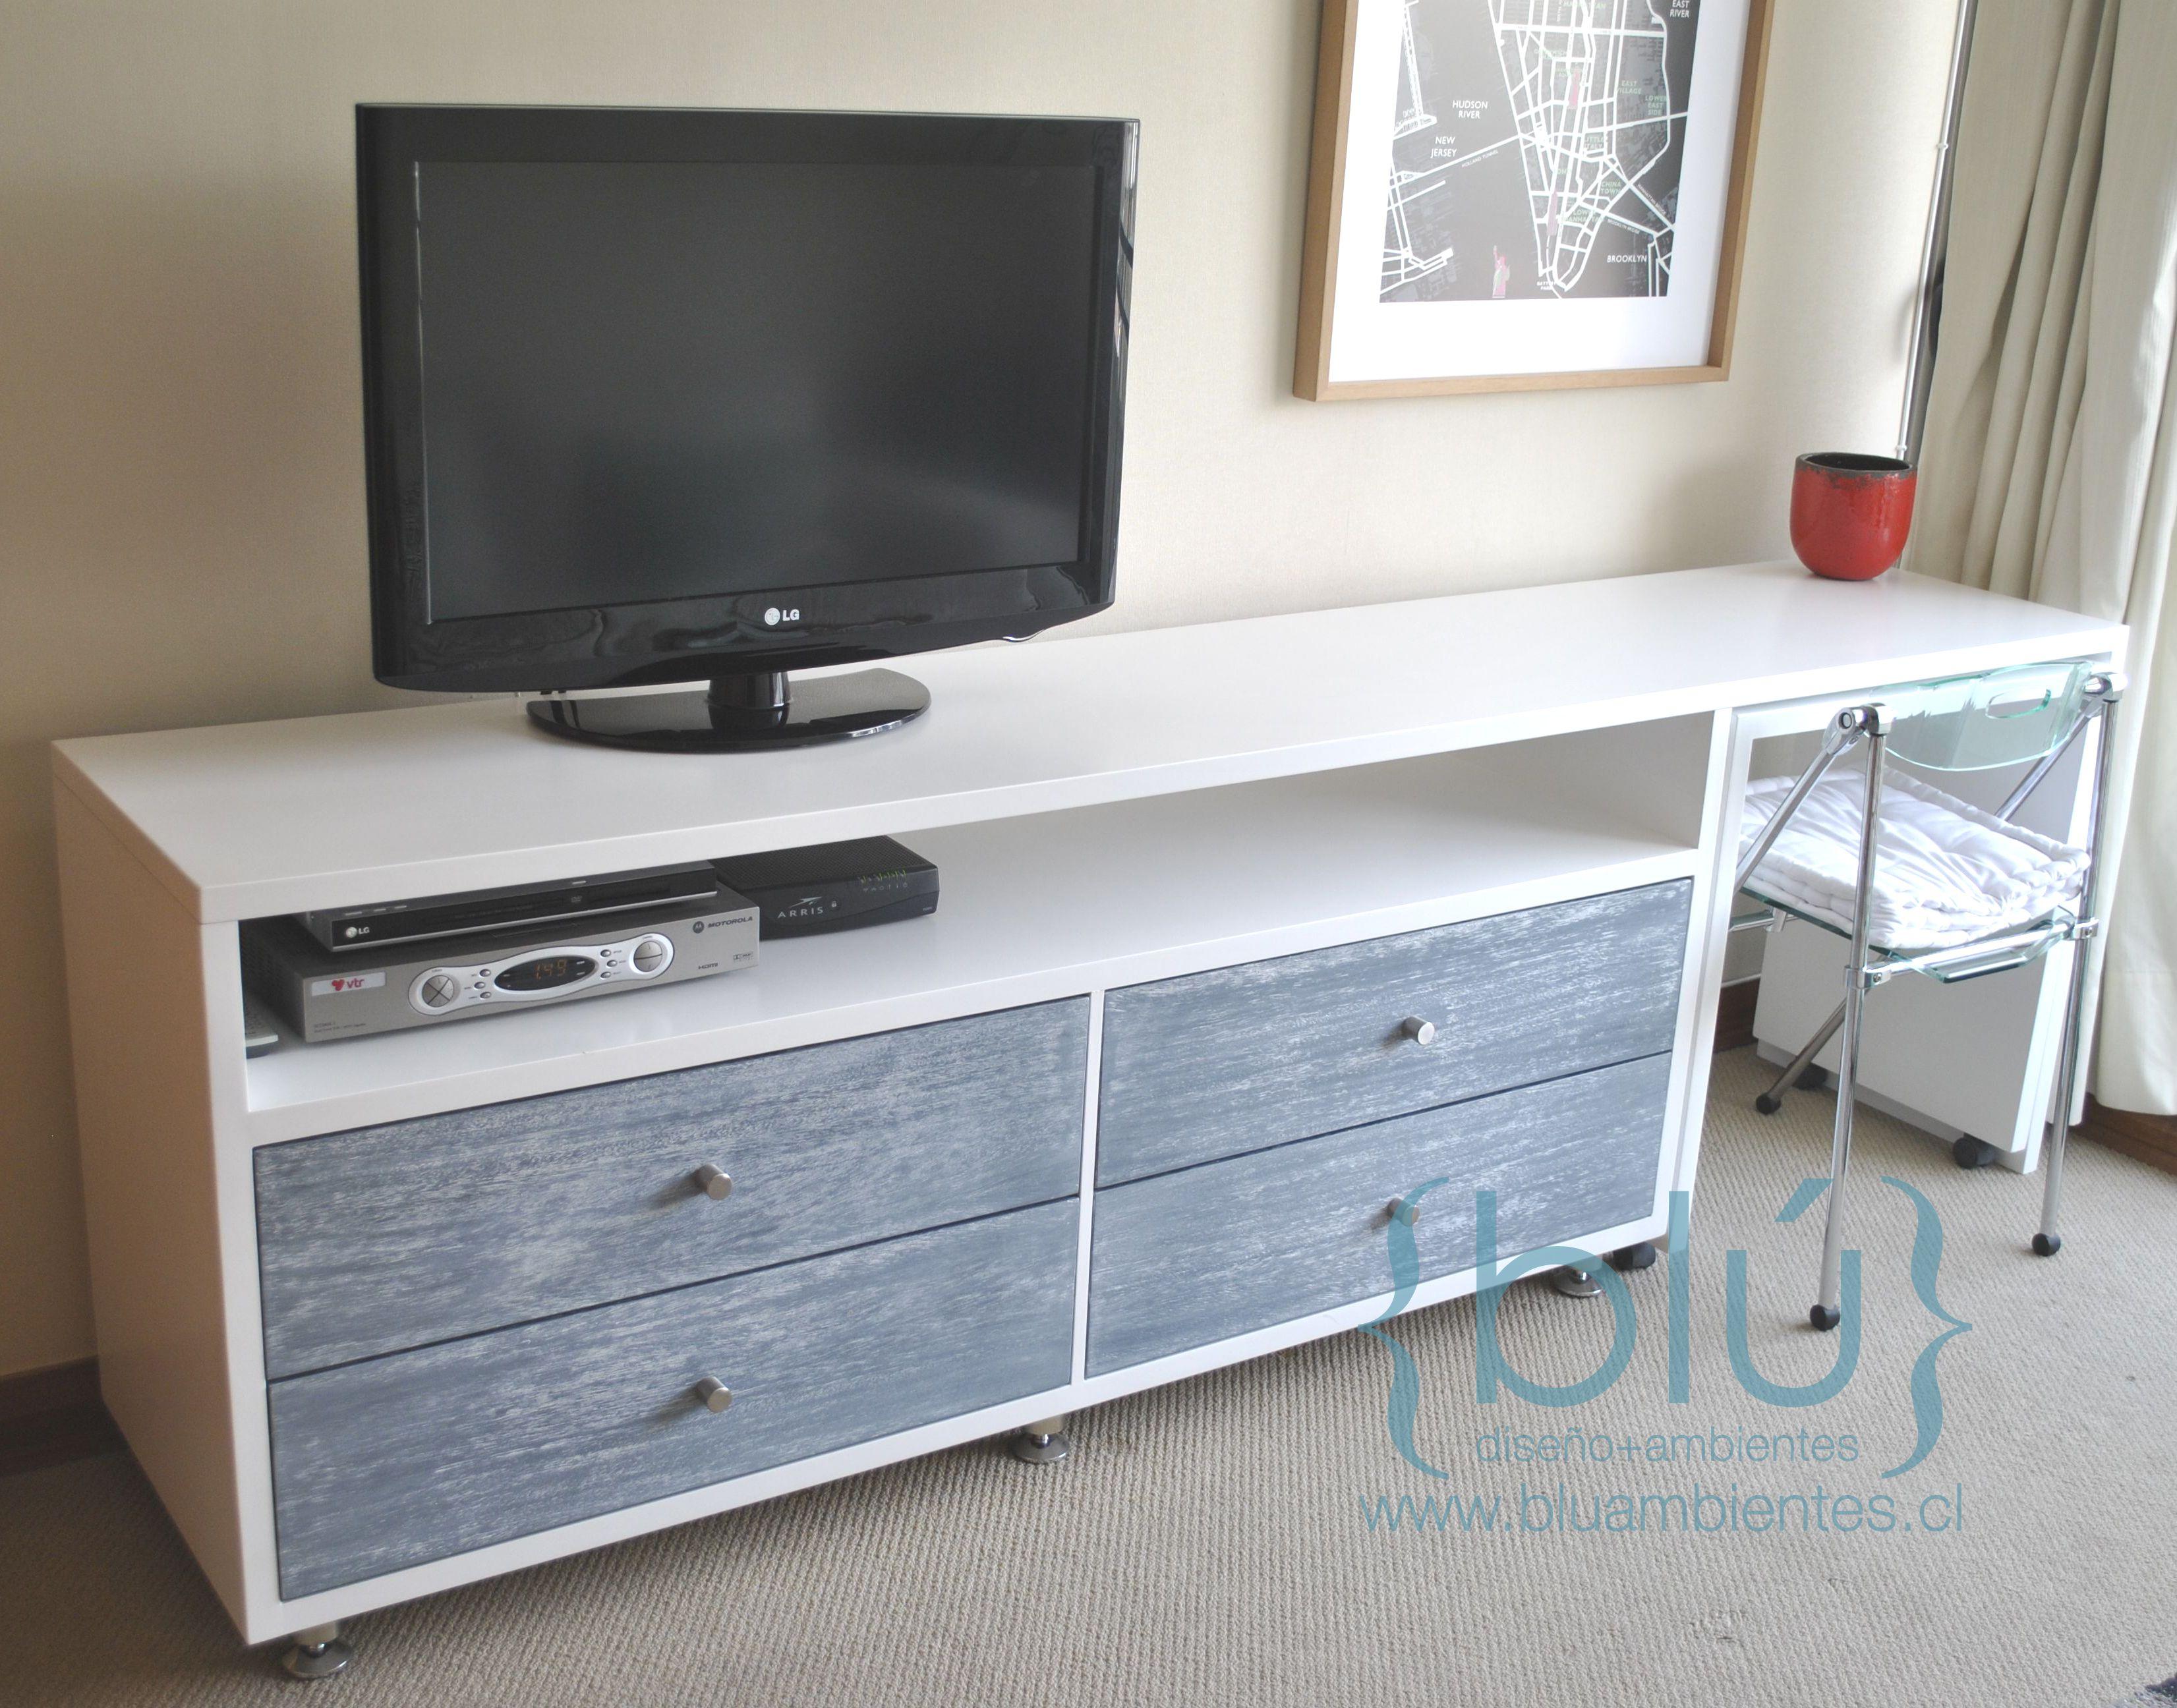 Mueble Tv 4 Cajones Y Mesa Con Ruedas Proyectos Mesa Tv Con Ruedas